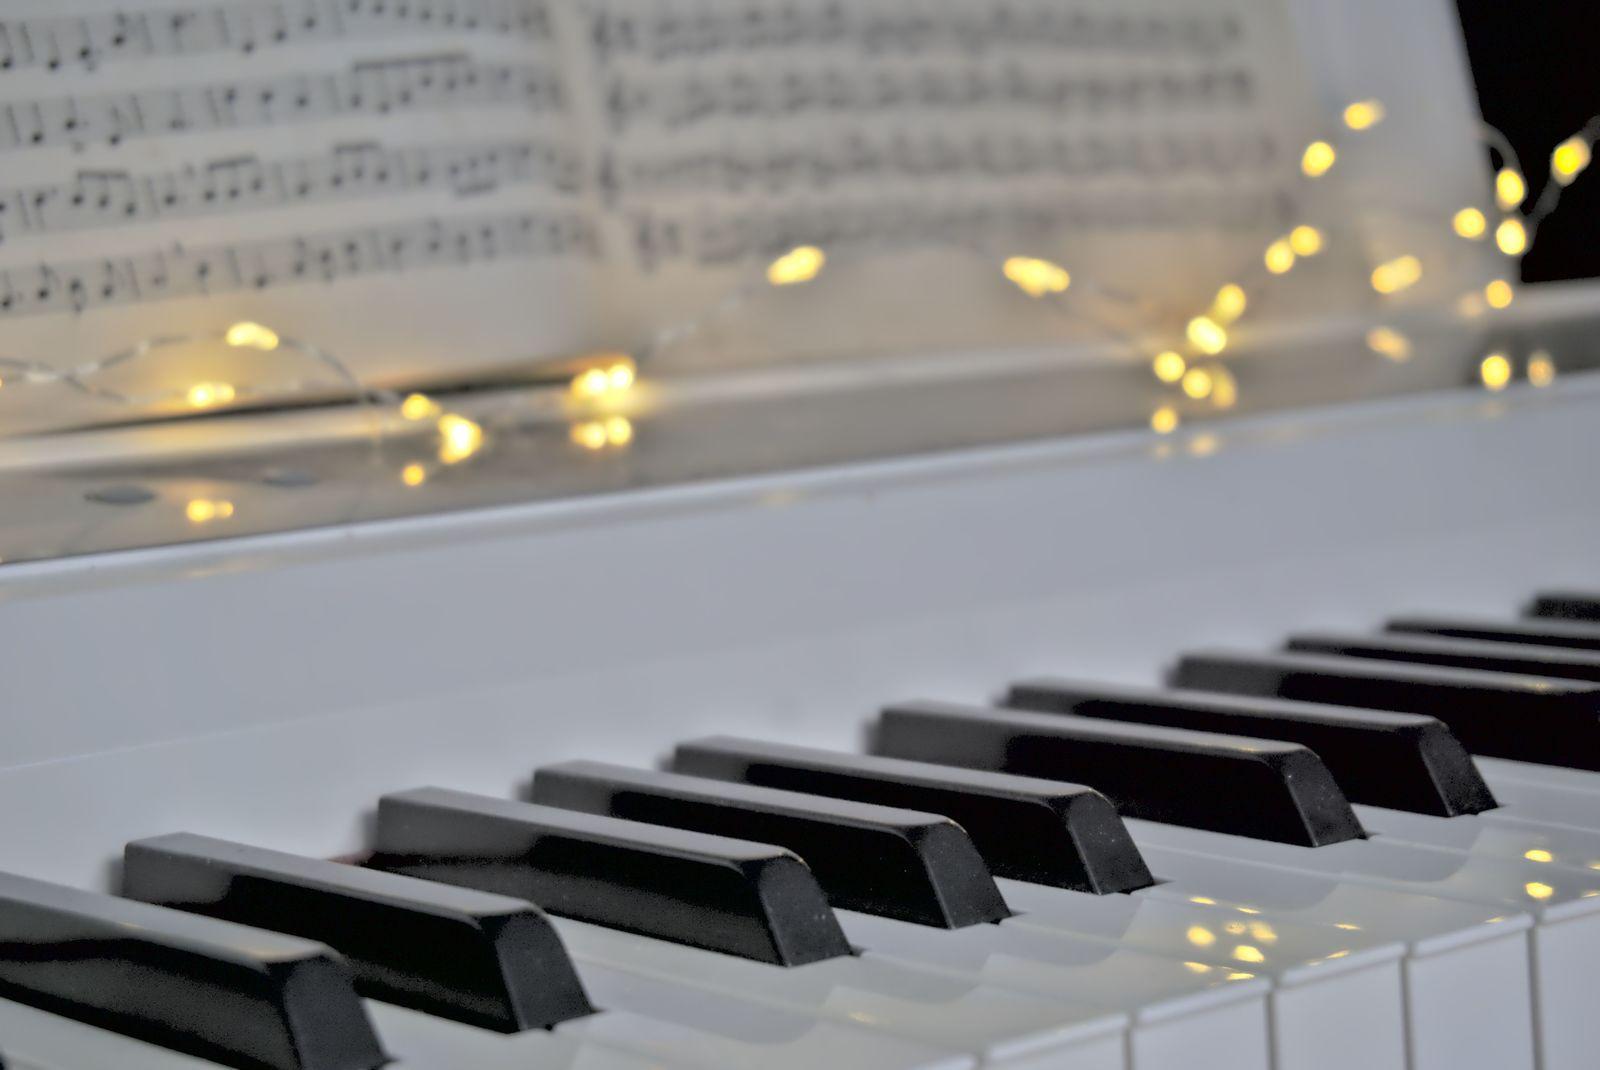 défi photo 30 jours, 12 janvier 2020, instrument de musique